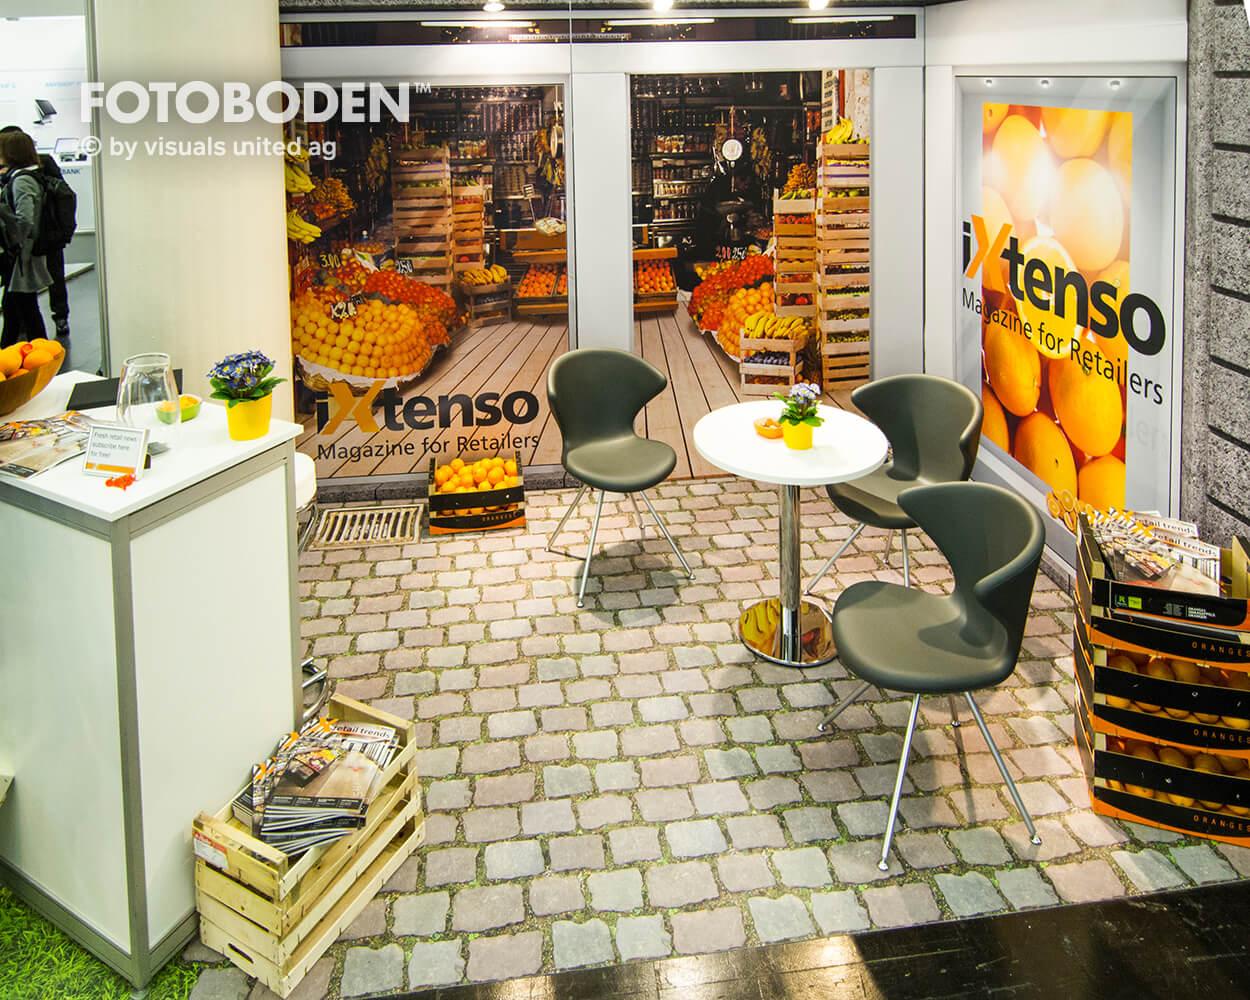 Auch Der Pressepartner Der EuroShop 2017 Vertraut Auf FOTOBODEN™